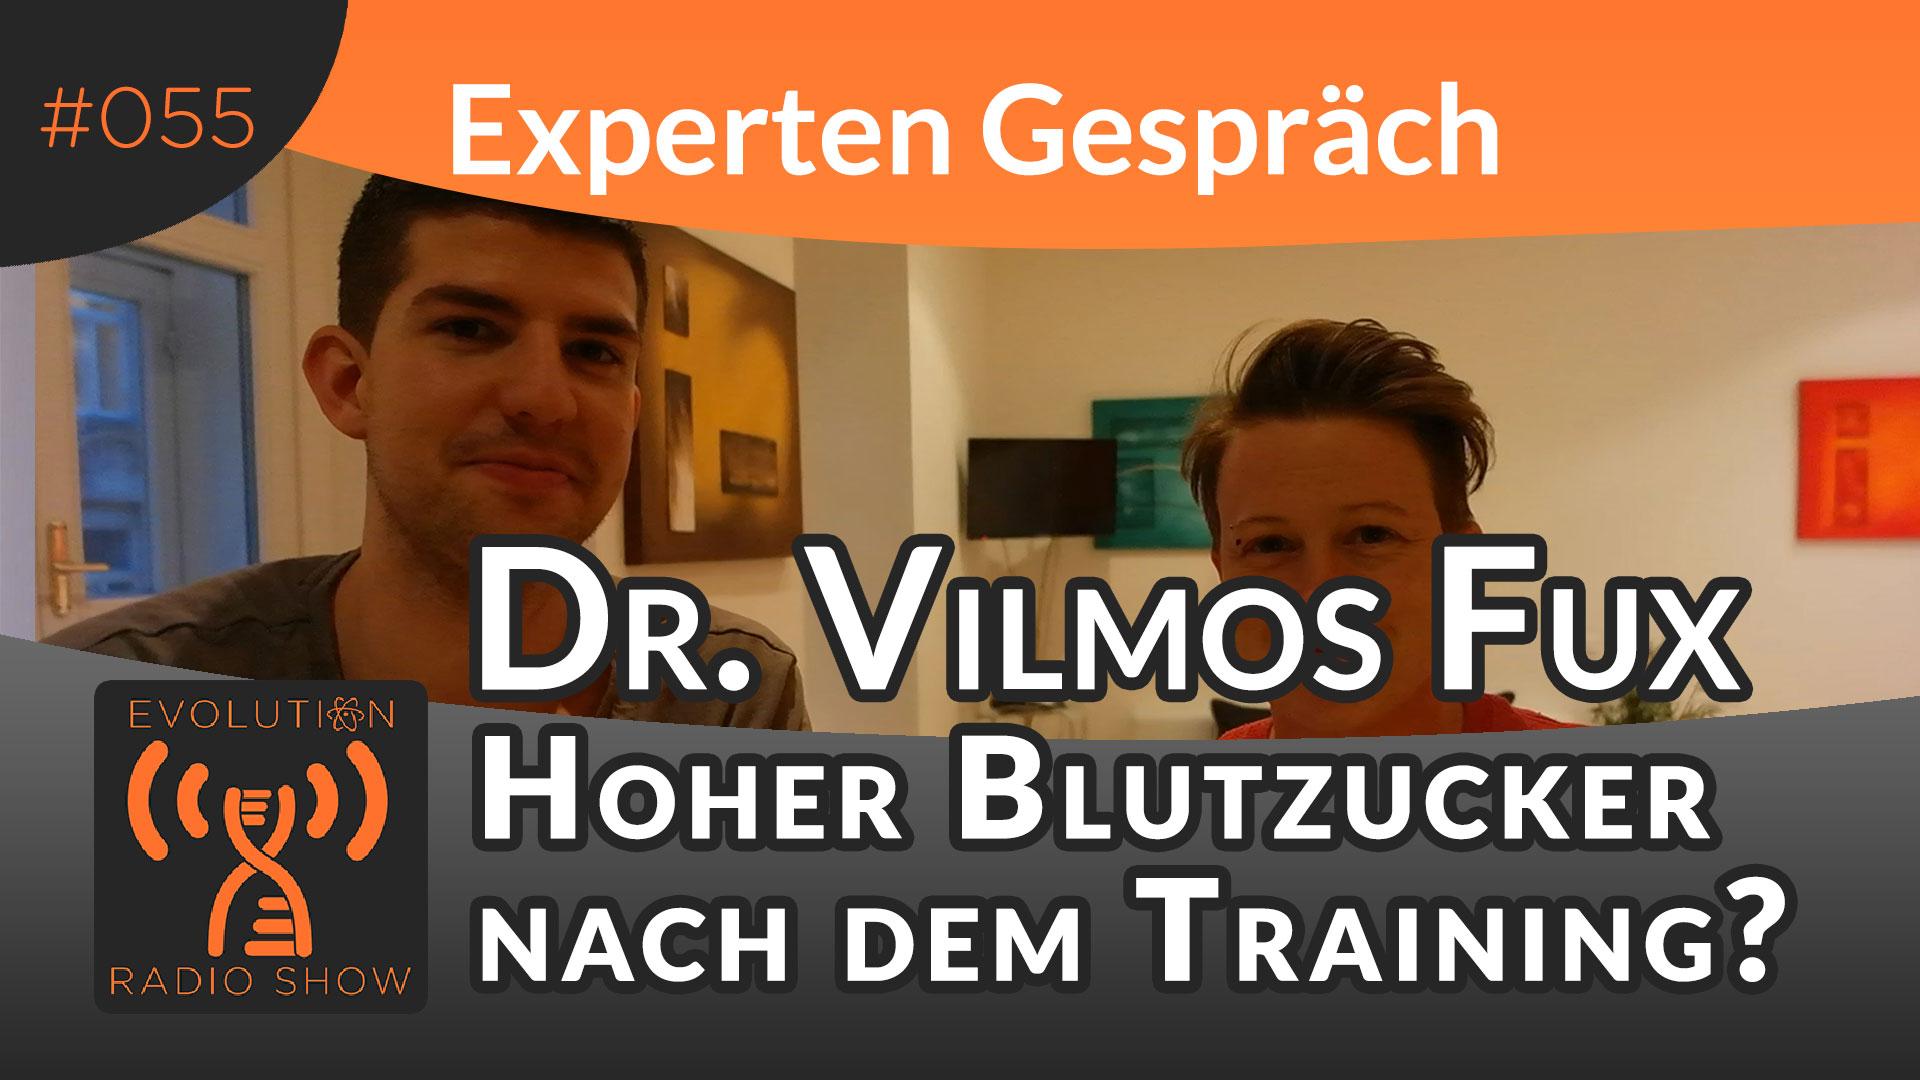 Evolution Radio Show Folge #055: Hoher Blutzucker nach dem Training? - Experte Dr. Vilmos Fux im Interview